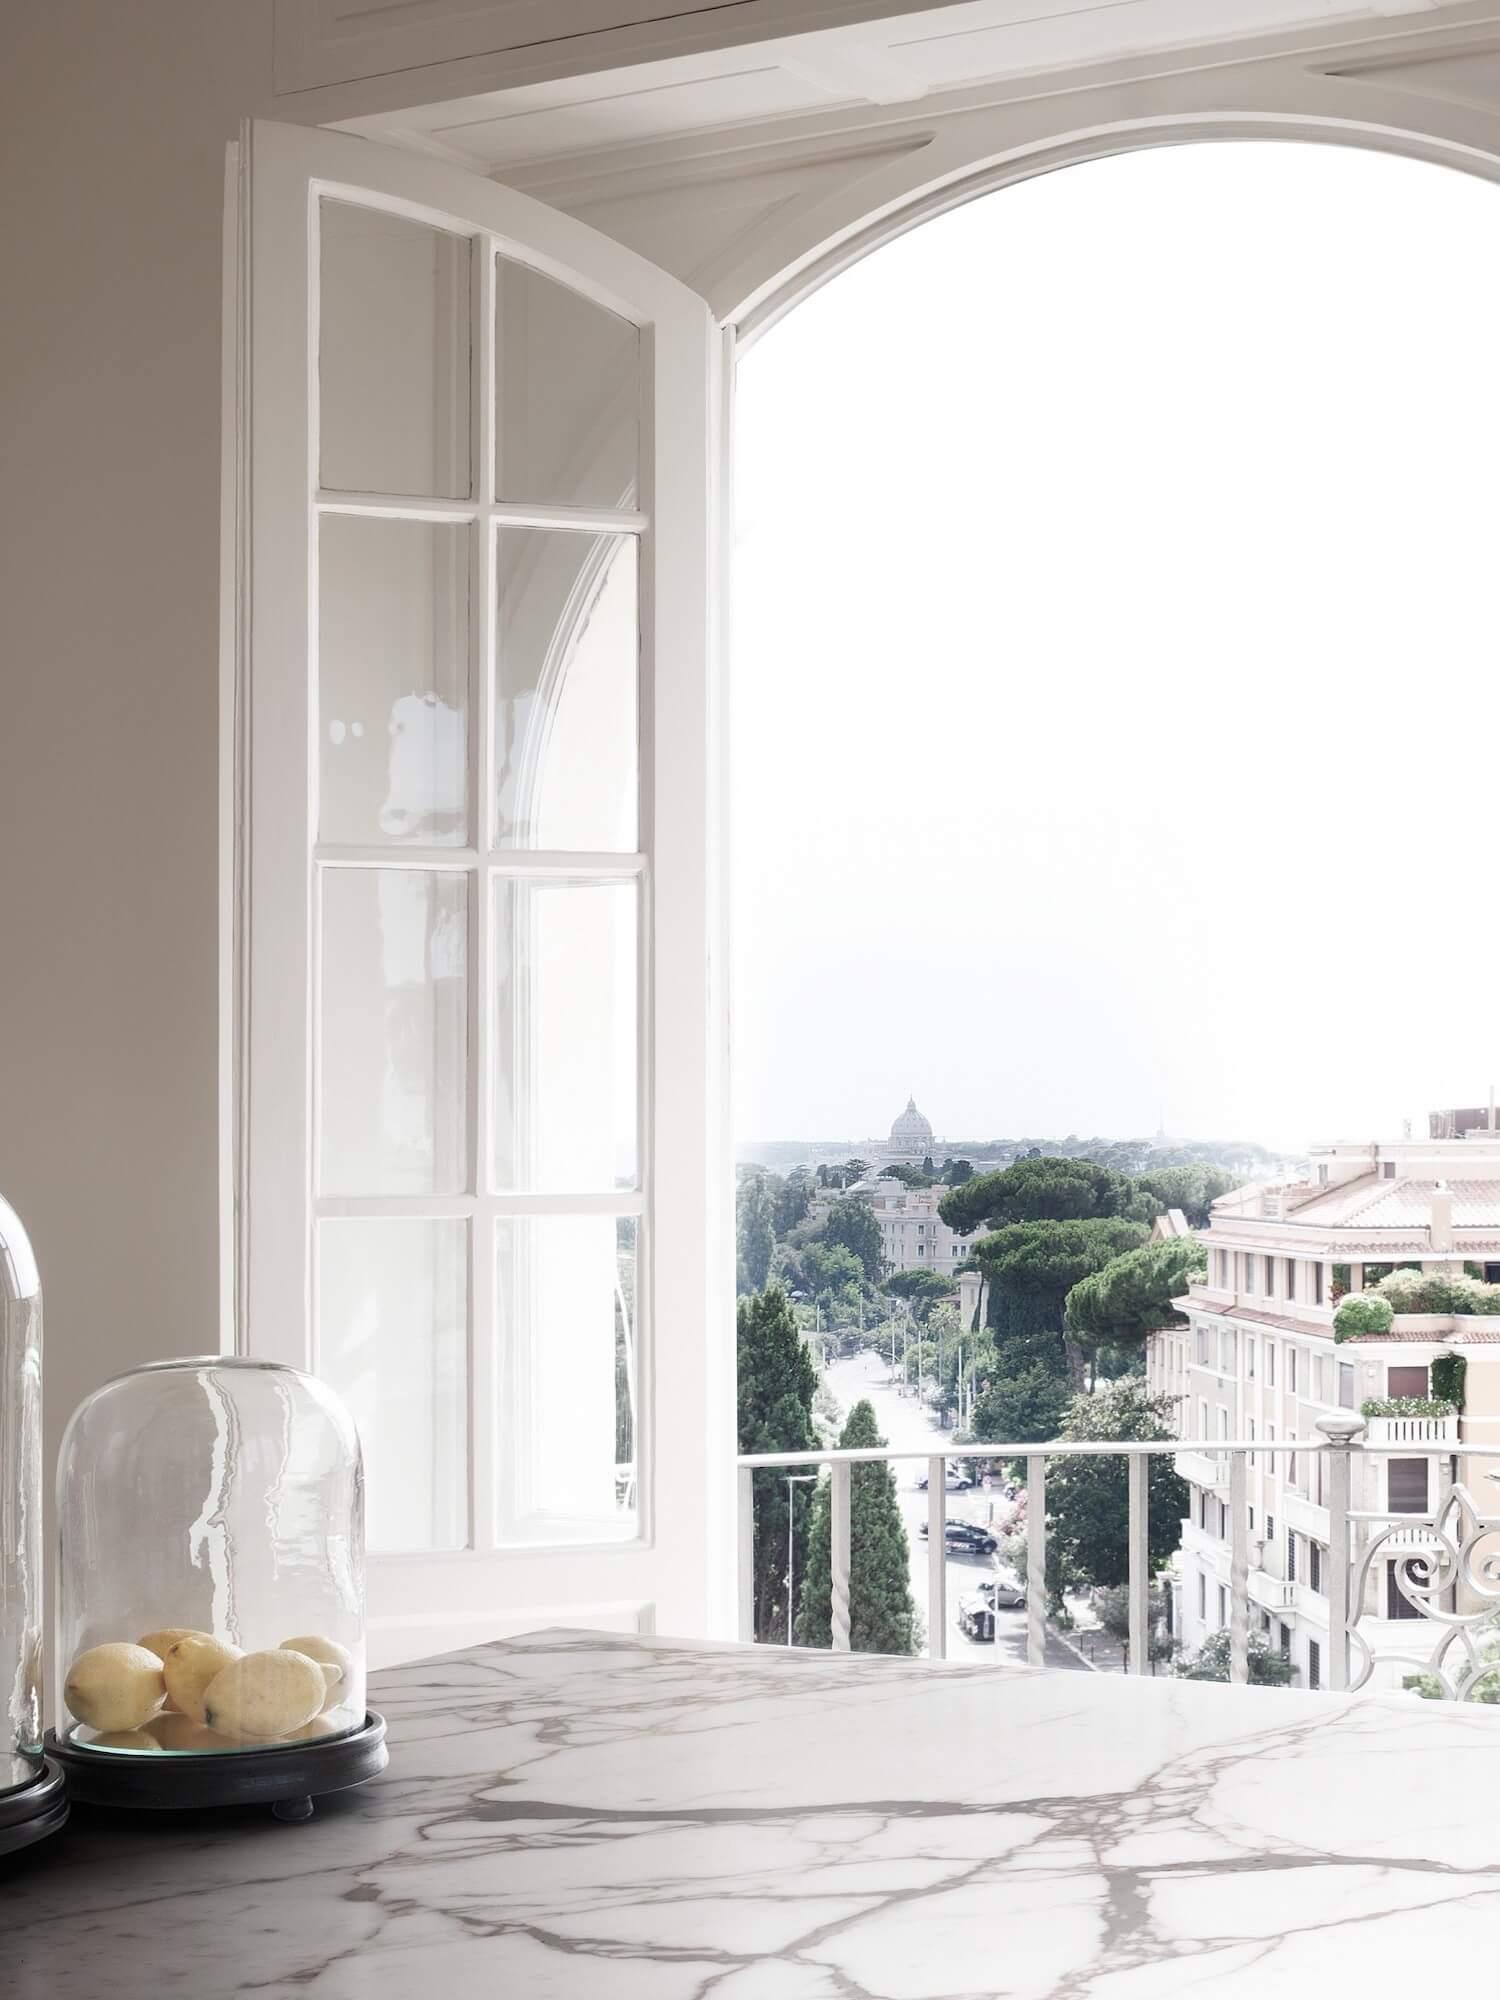 quincoces drago rome apartment 04